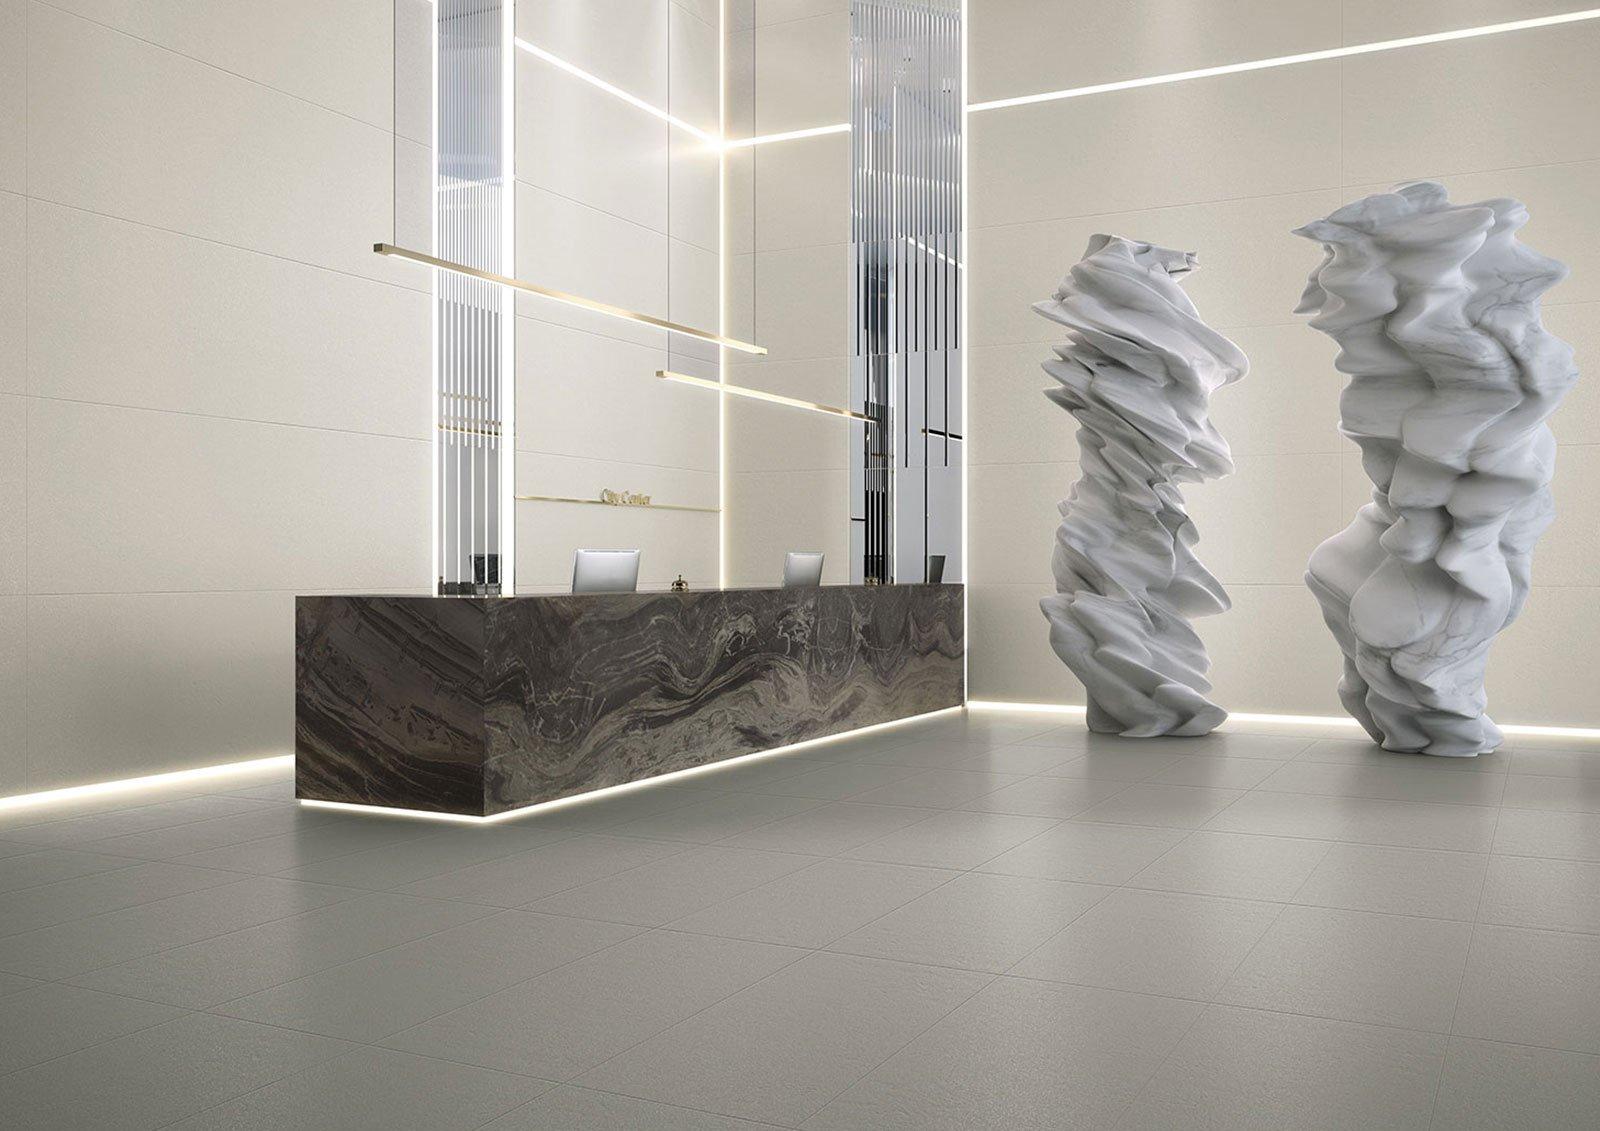 un bancone di una reception marrone e due statue futuristiche grigie